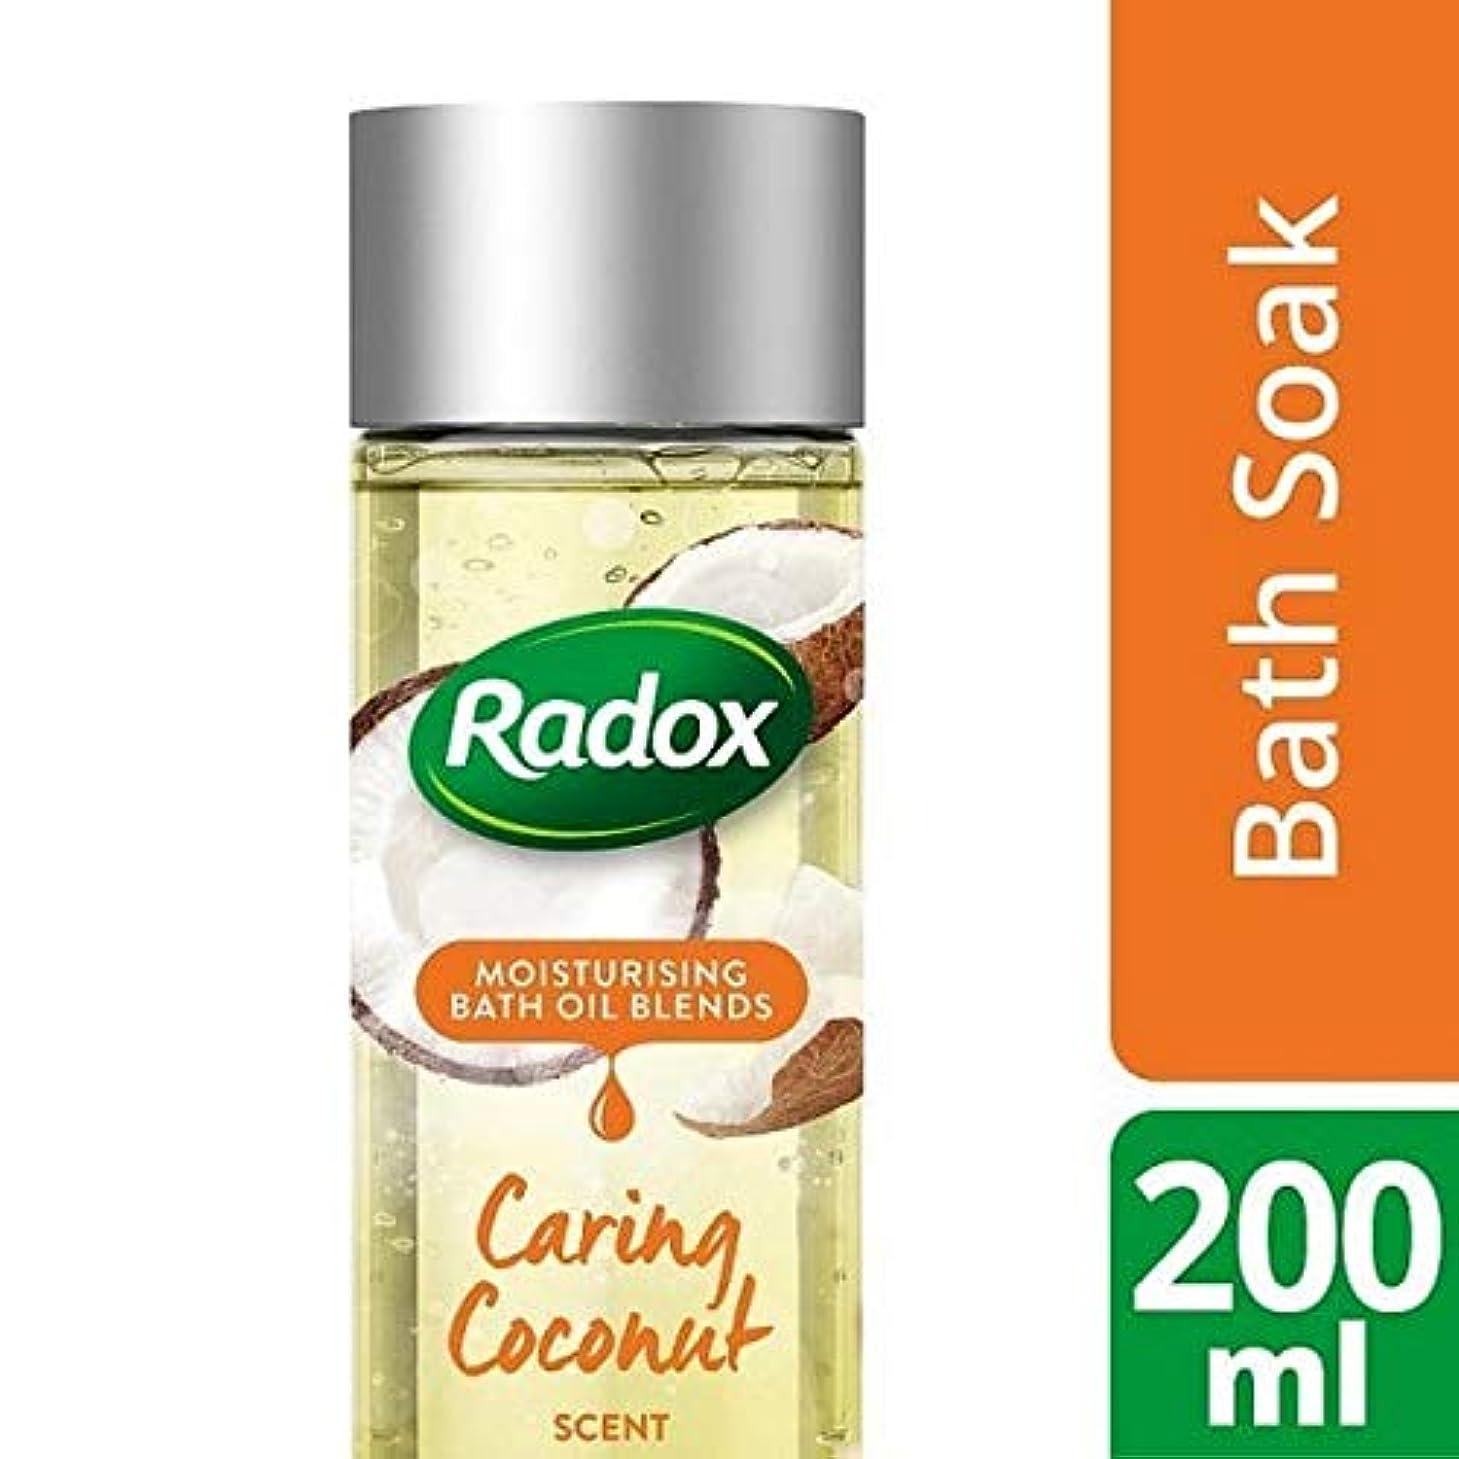 絶望的な報酬の不正直[Radox] Radoxのバスオイル思いやりのあるココナッツの香りの200ミリリットル - Radox Bath Oil Caring Coconut Scent 200ml [並行輸入品]